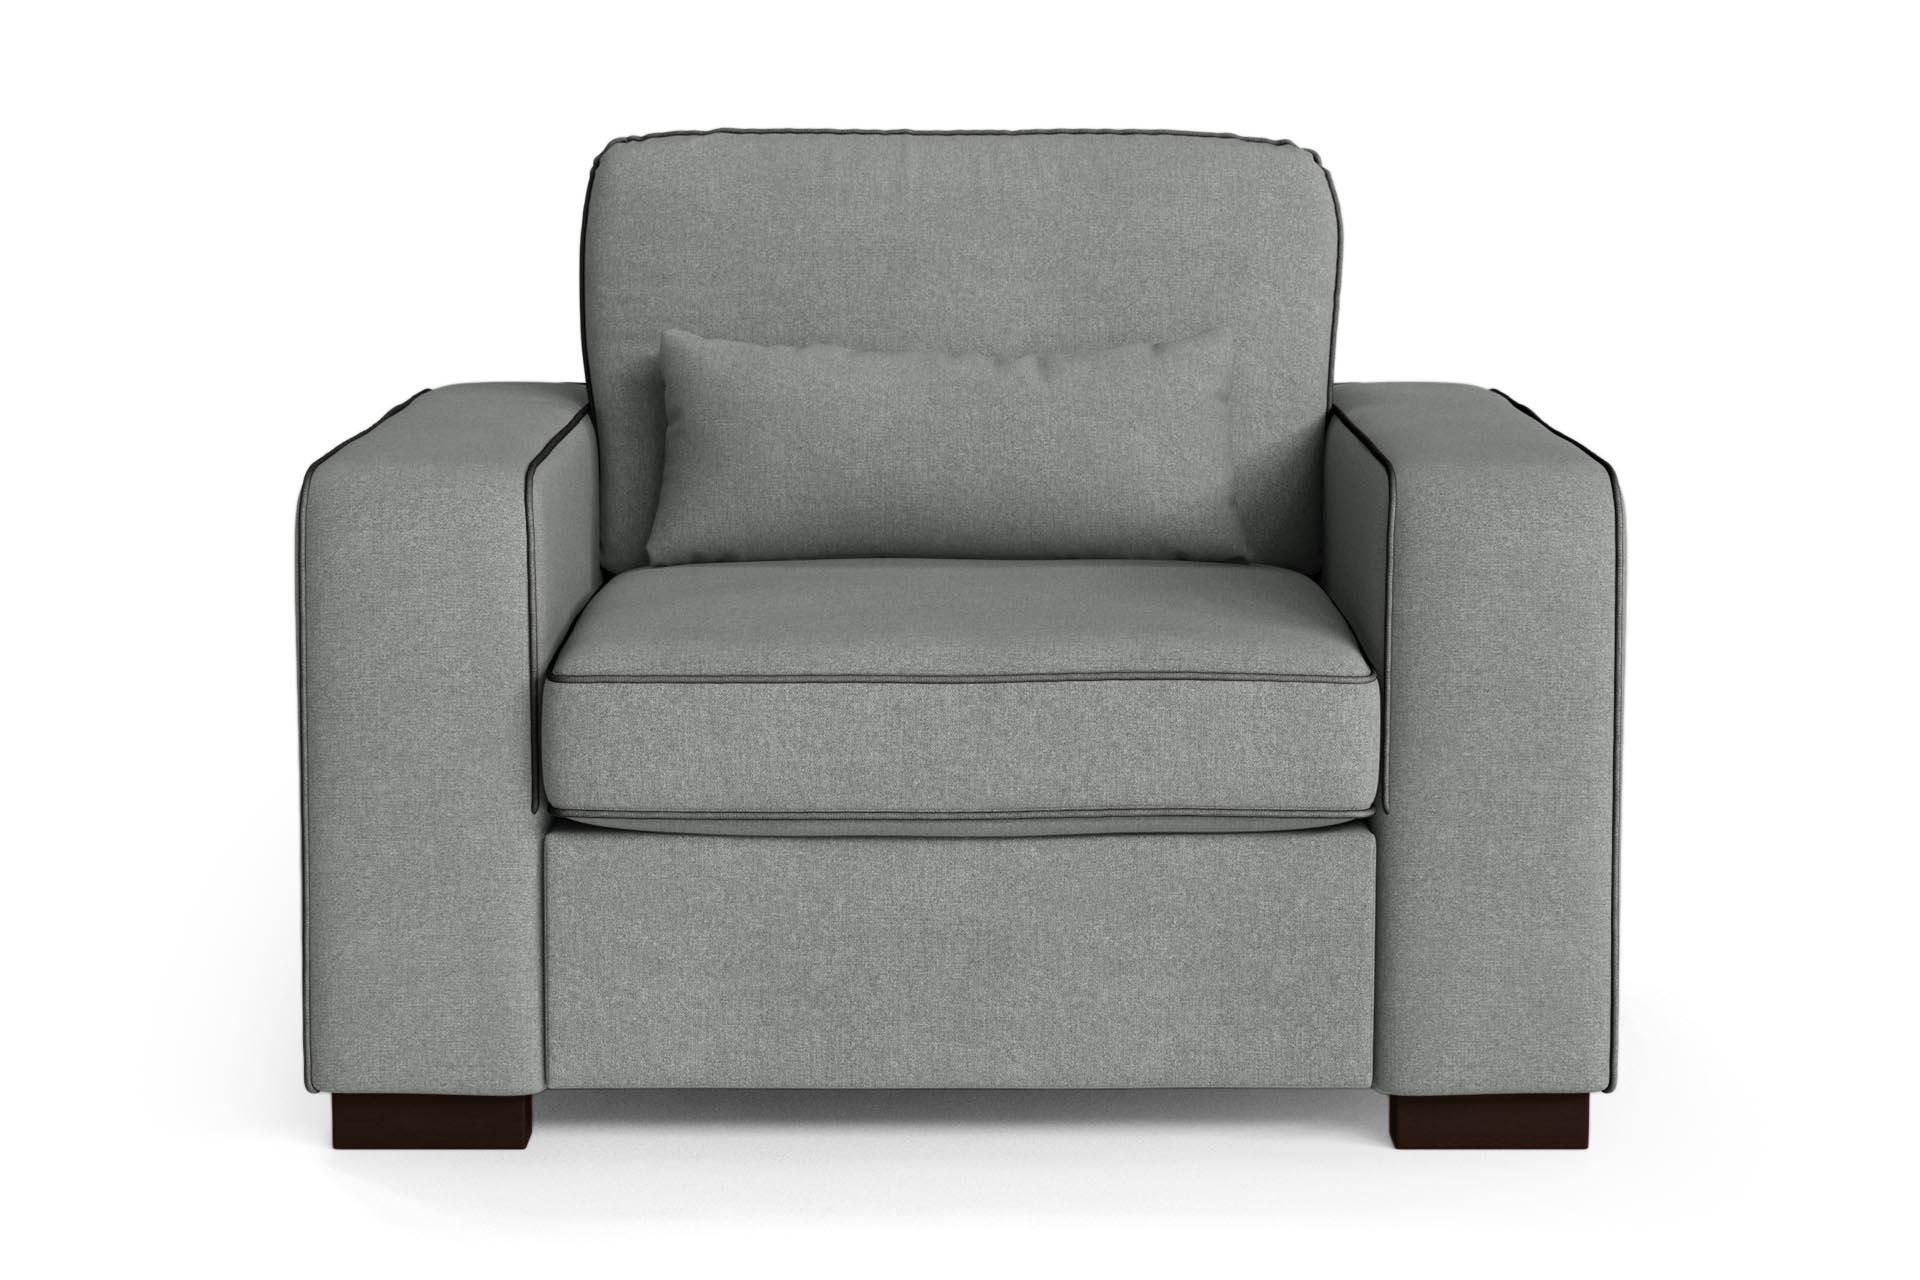 Fauteuil 1 place toucher coton gris/anthracite